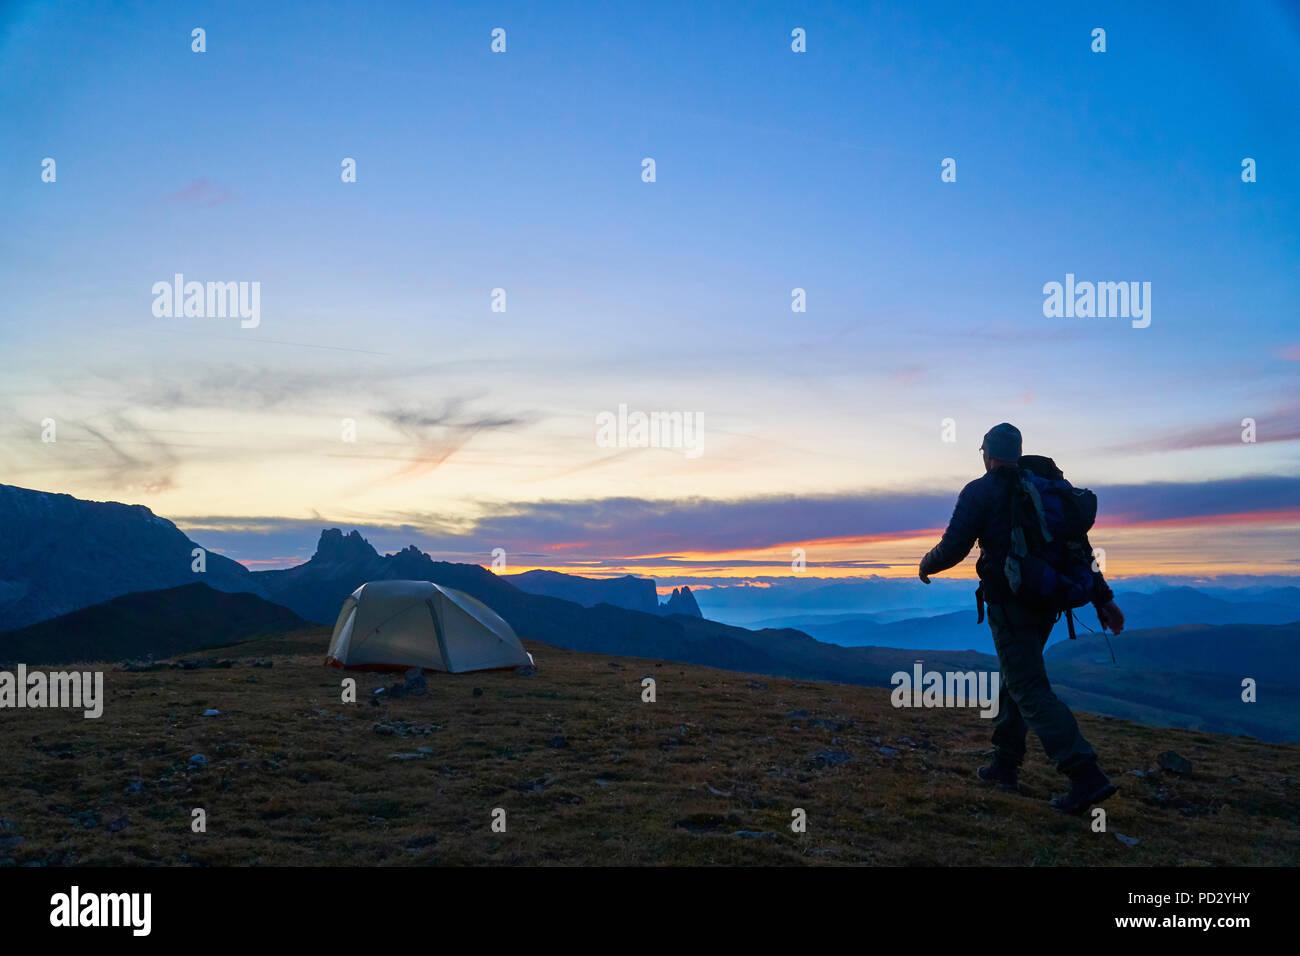 Gli escursionisti a piedi per la sua tenda al tramonto, Canazei, Trentino-Alto Adige, Italia Immagini Stock